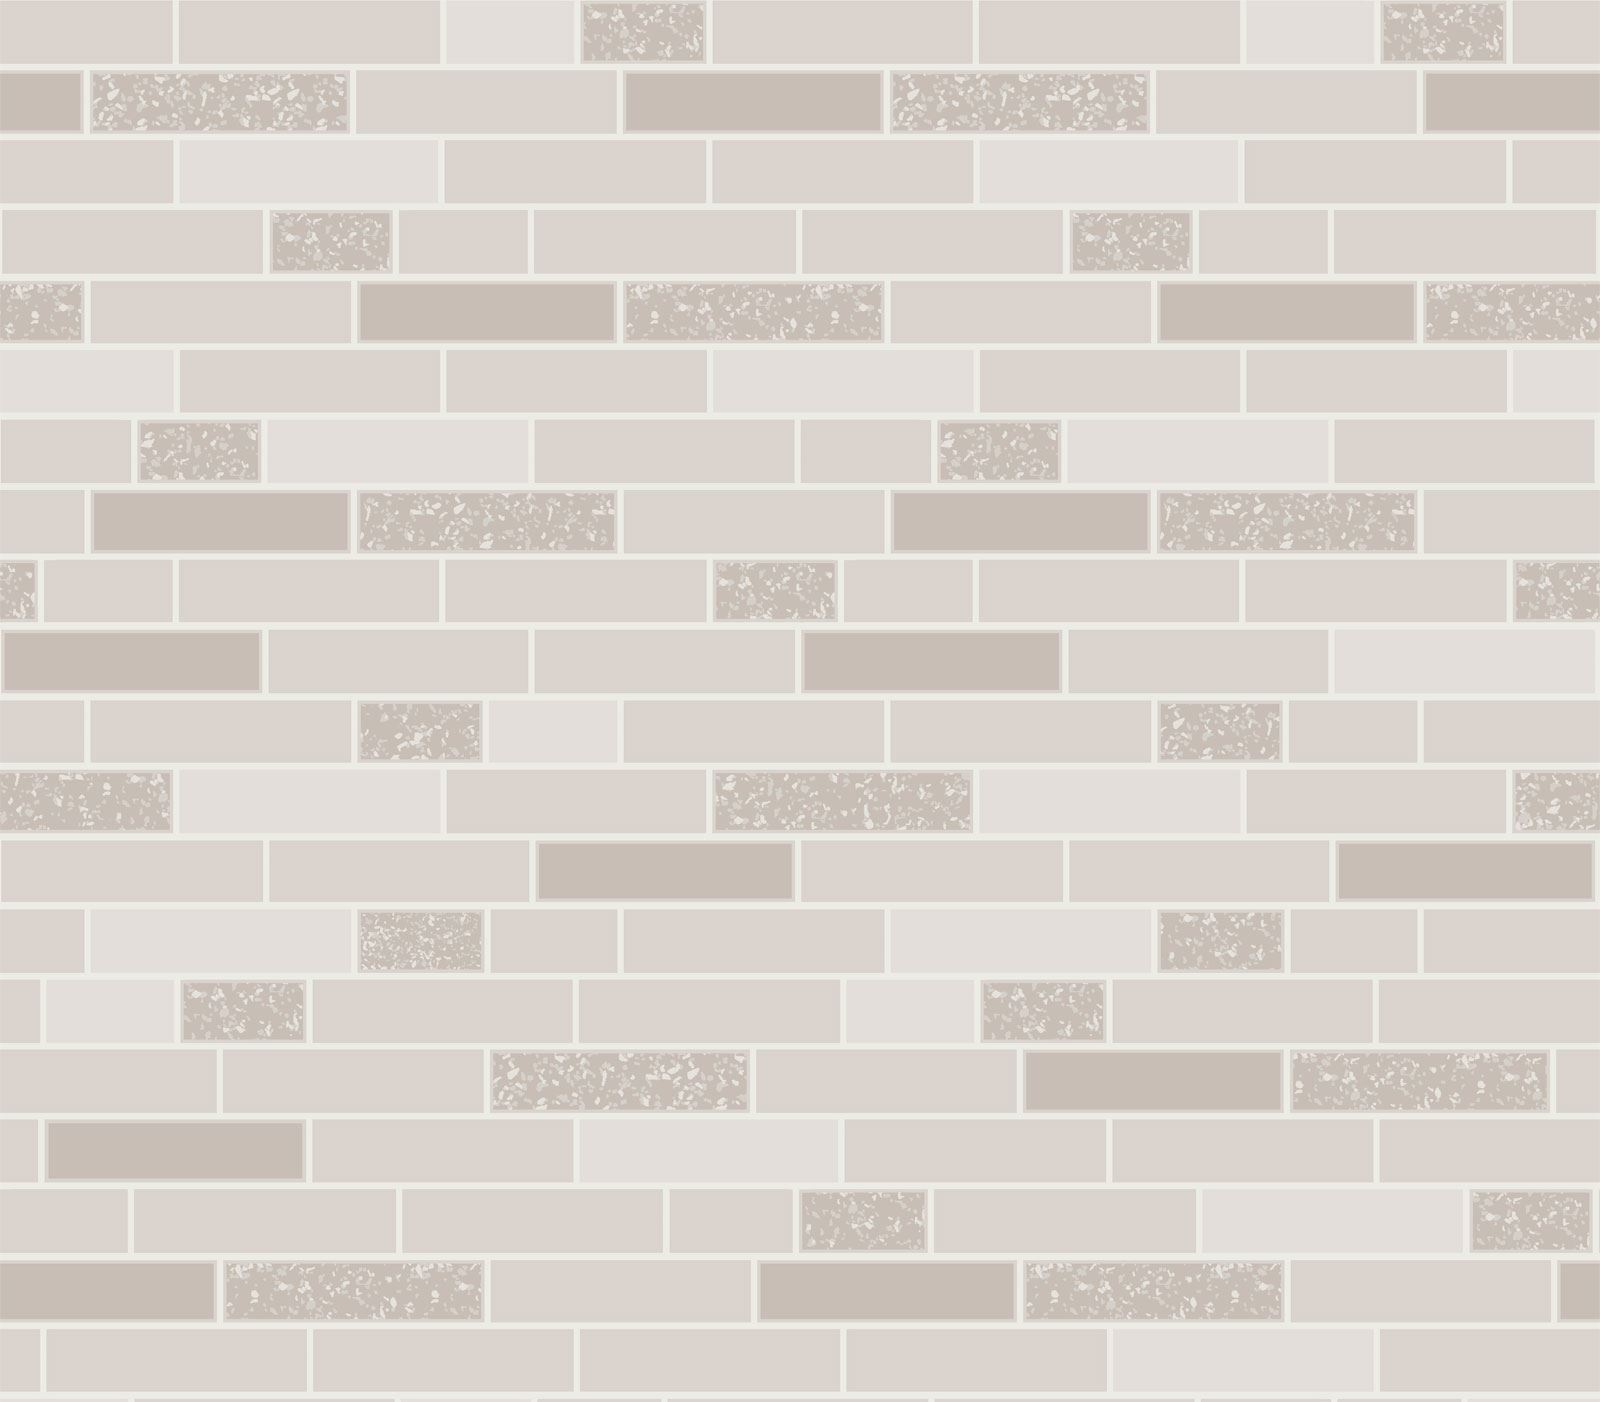 Oblong-Stone-Tile-Kitchen-Bathroom-Wallpaper-Vinyl-Silver-Glitter-Holden-Decor thumbnail 3